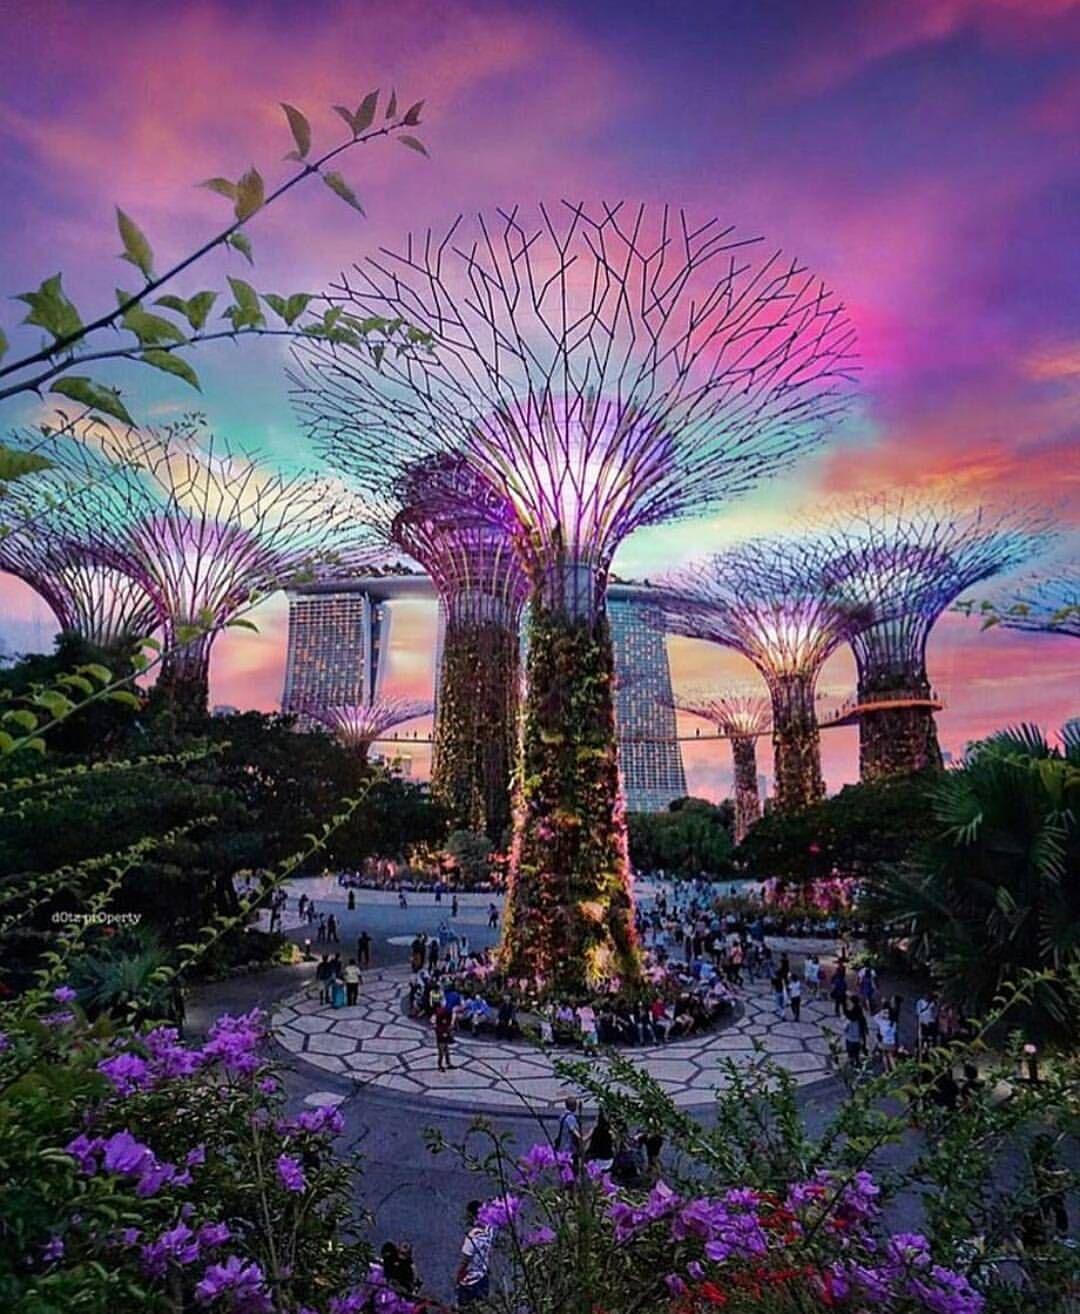 a5cbe93b4fba7fb478852b4aba75a262 - How To Visit Gardens By The Bay